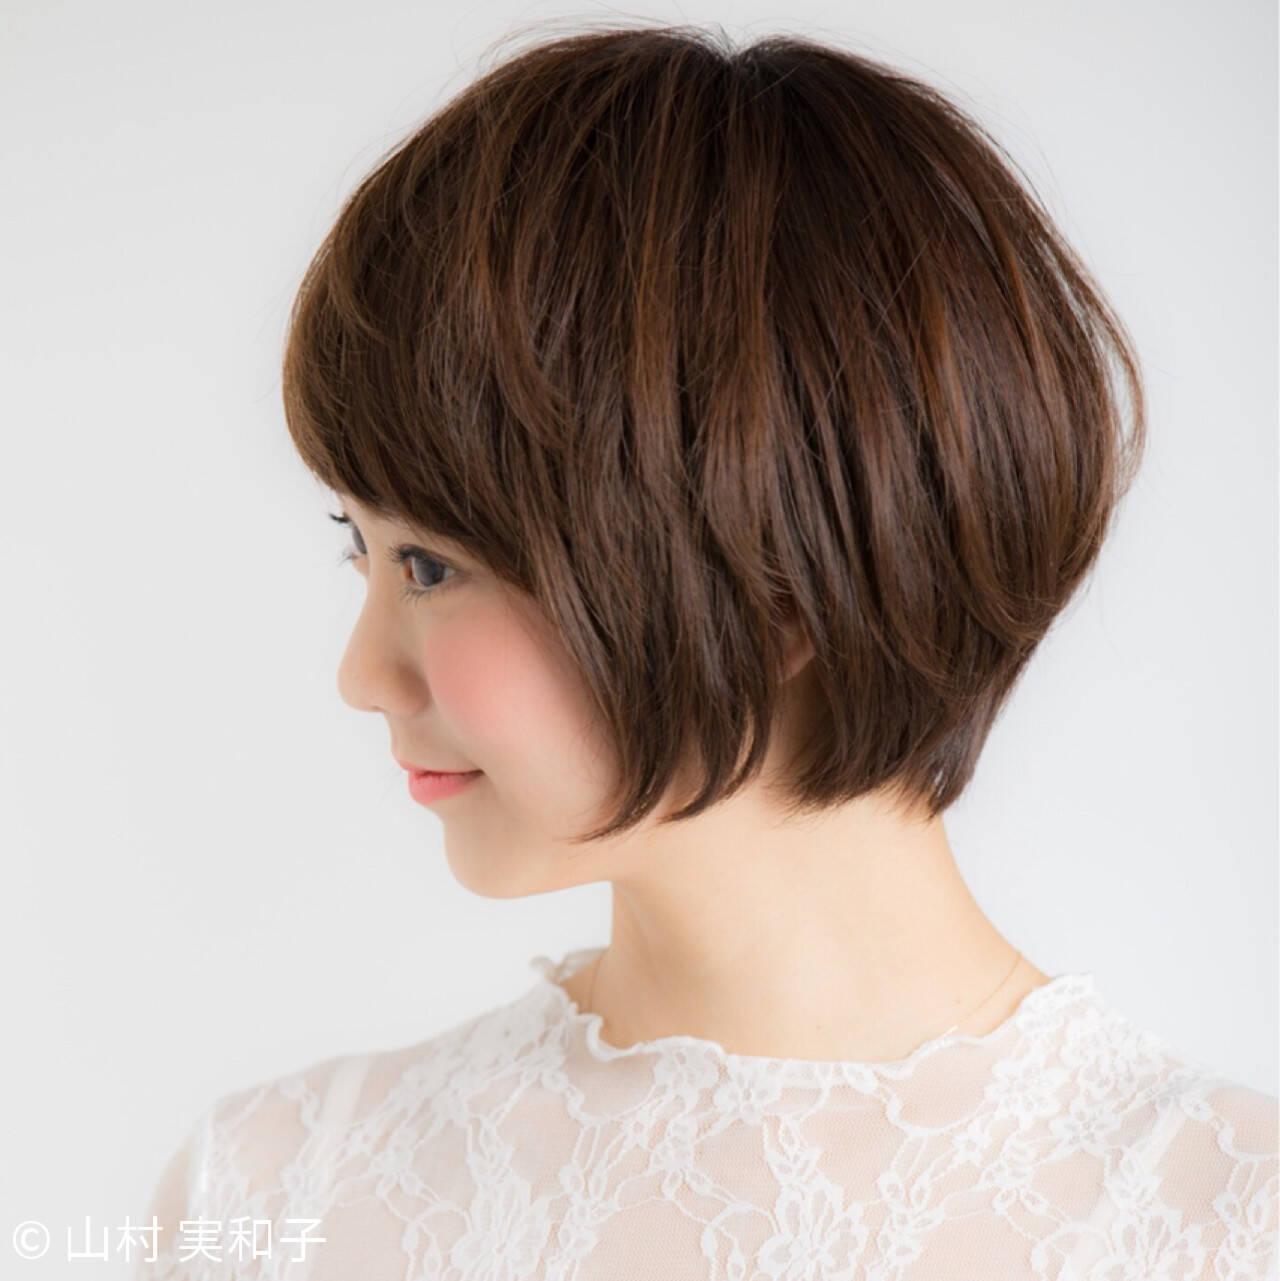 小顔 大人かわいい ナチュラル ショートボブヘアスタイルや髪型の写真・画像